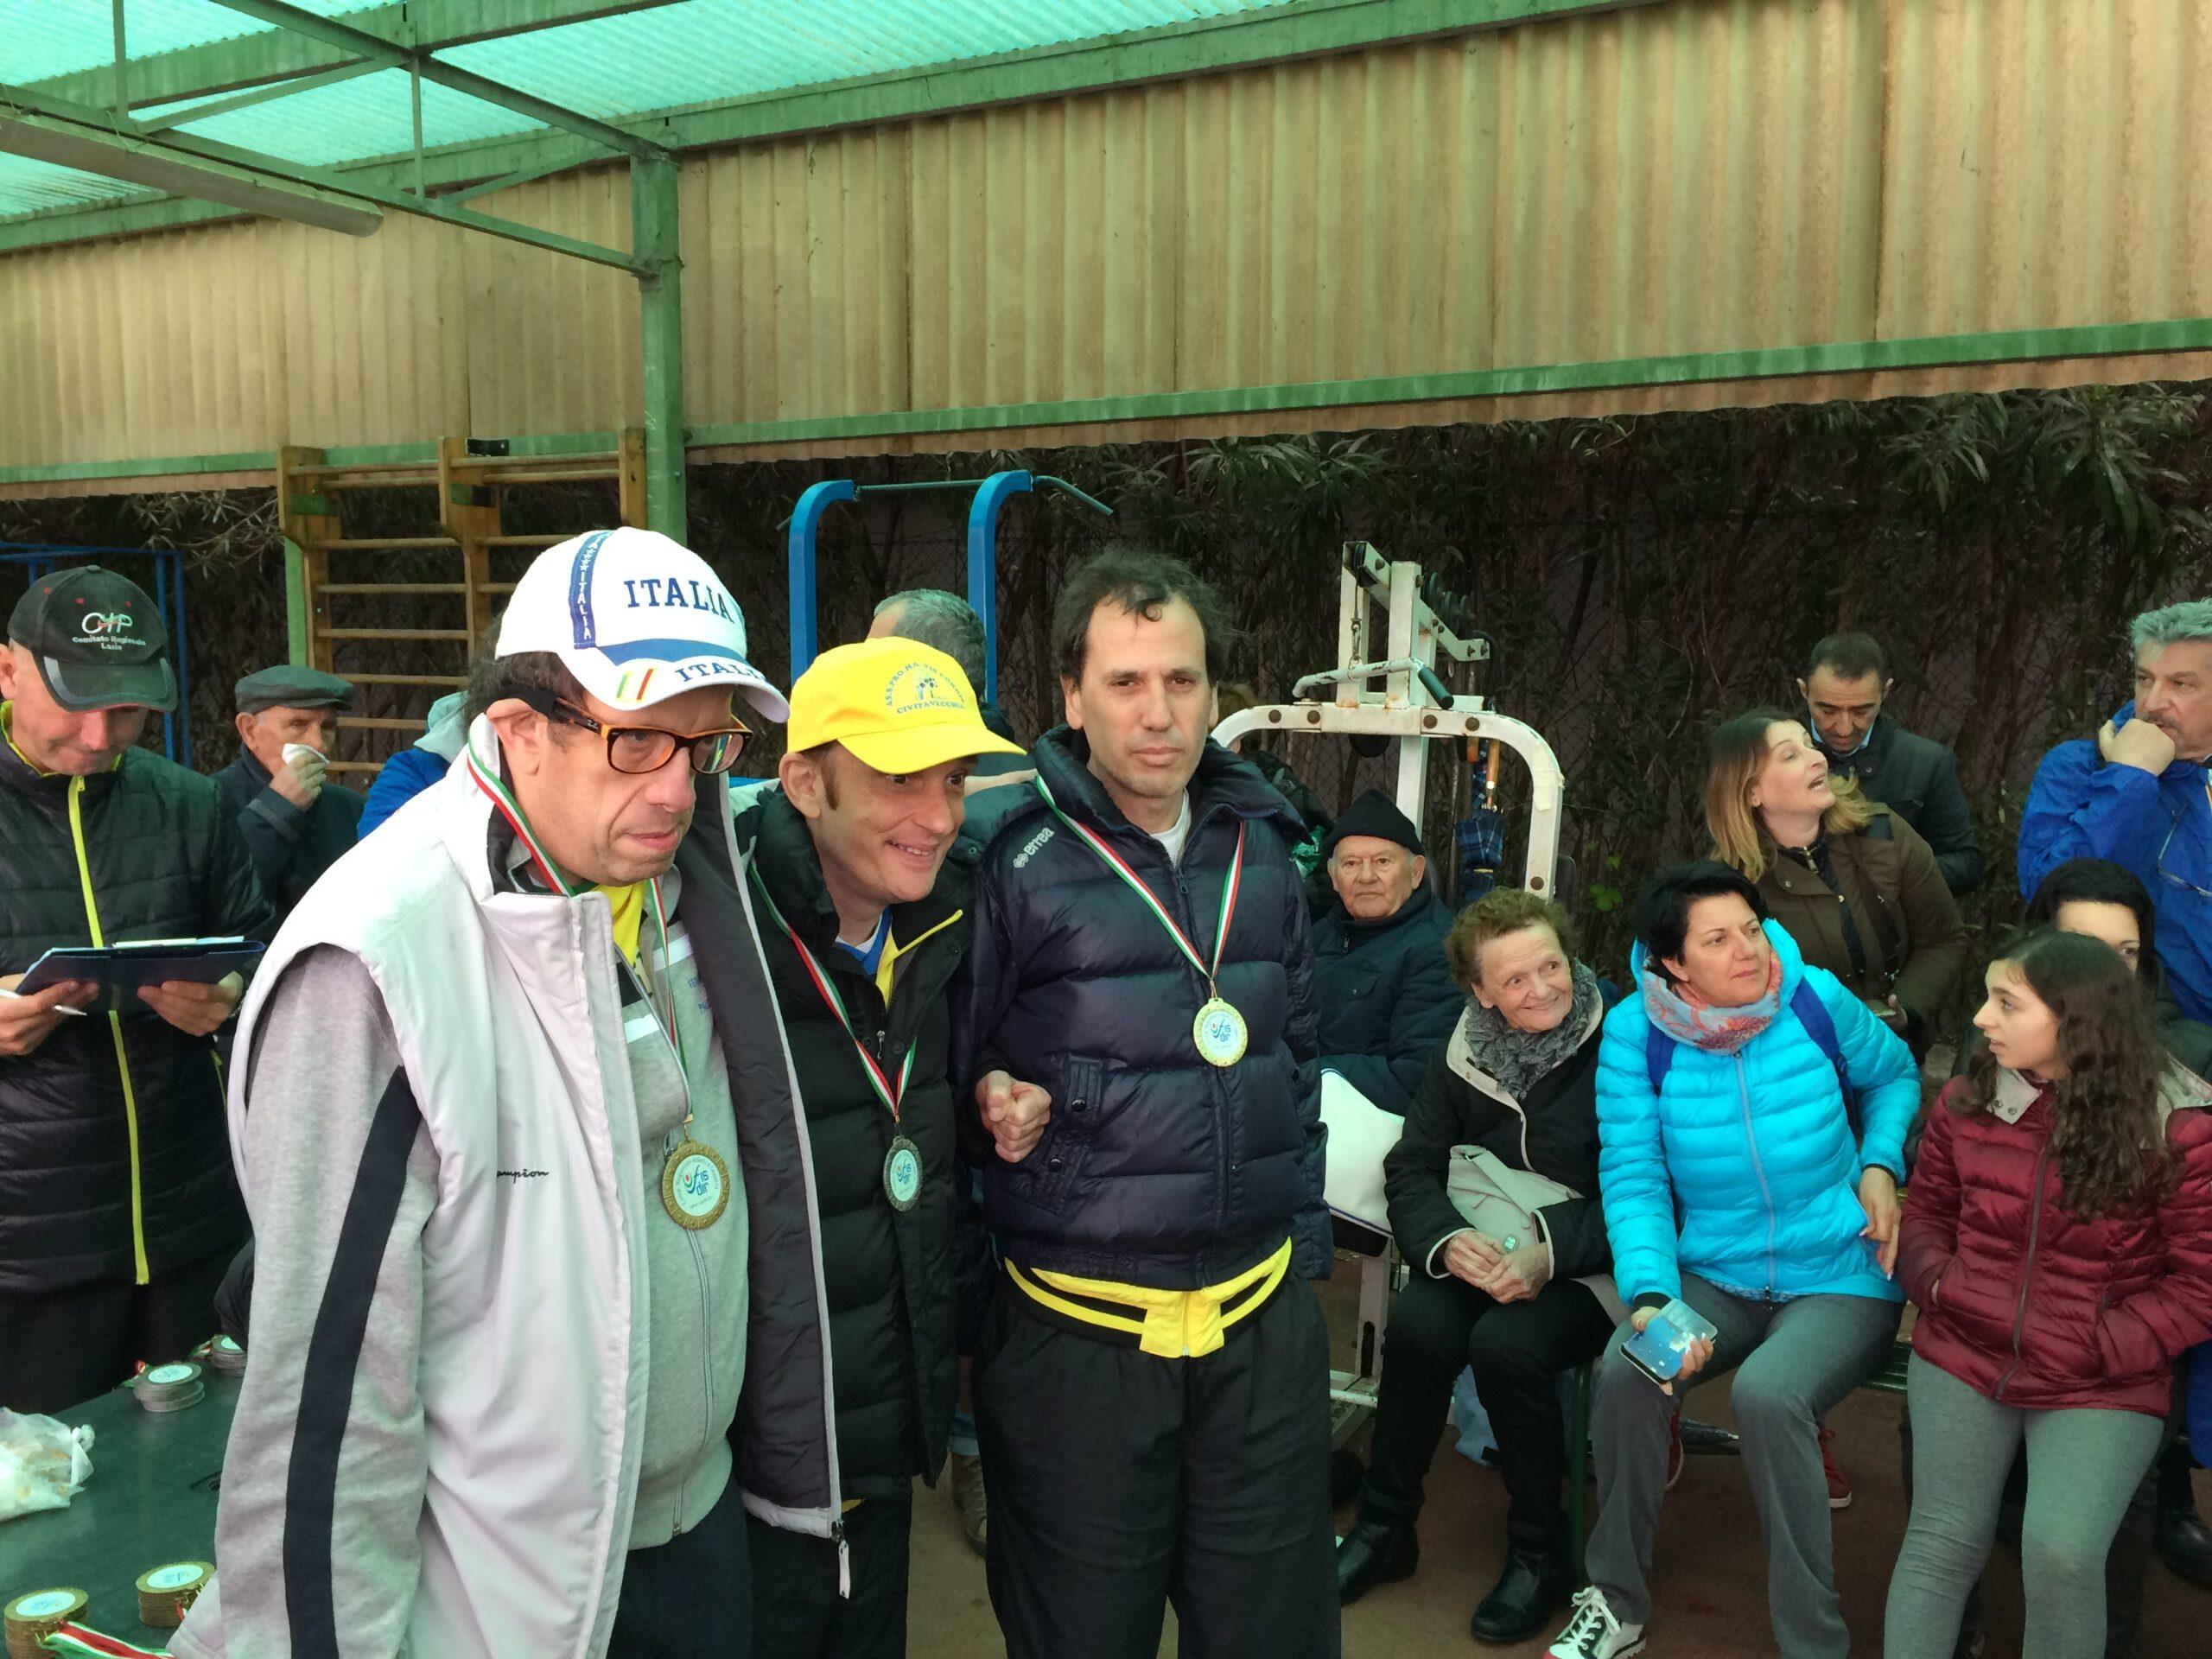 Grandi risultati anche nell'atletica leggera per l'AS.S.Pro.Ha. Vis Cordis, alle gare regionali tenute a Latina